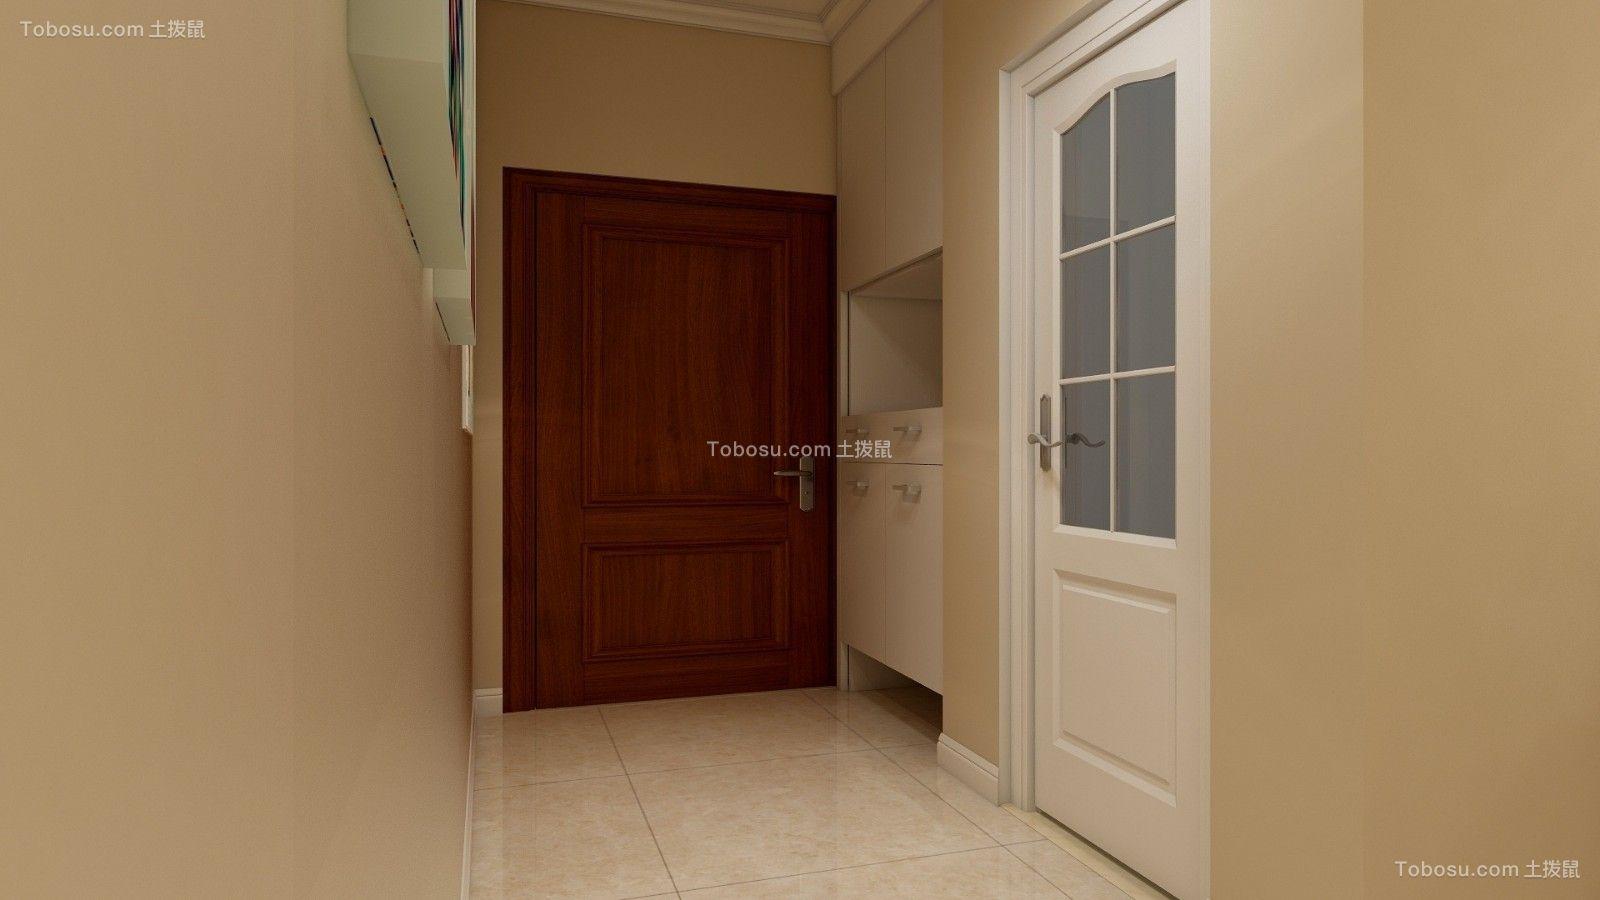 客厅黄色细节简约风格装饰效果图